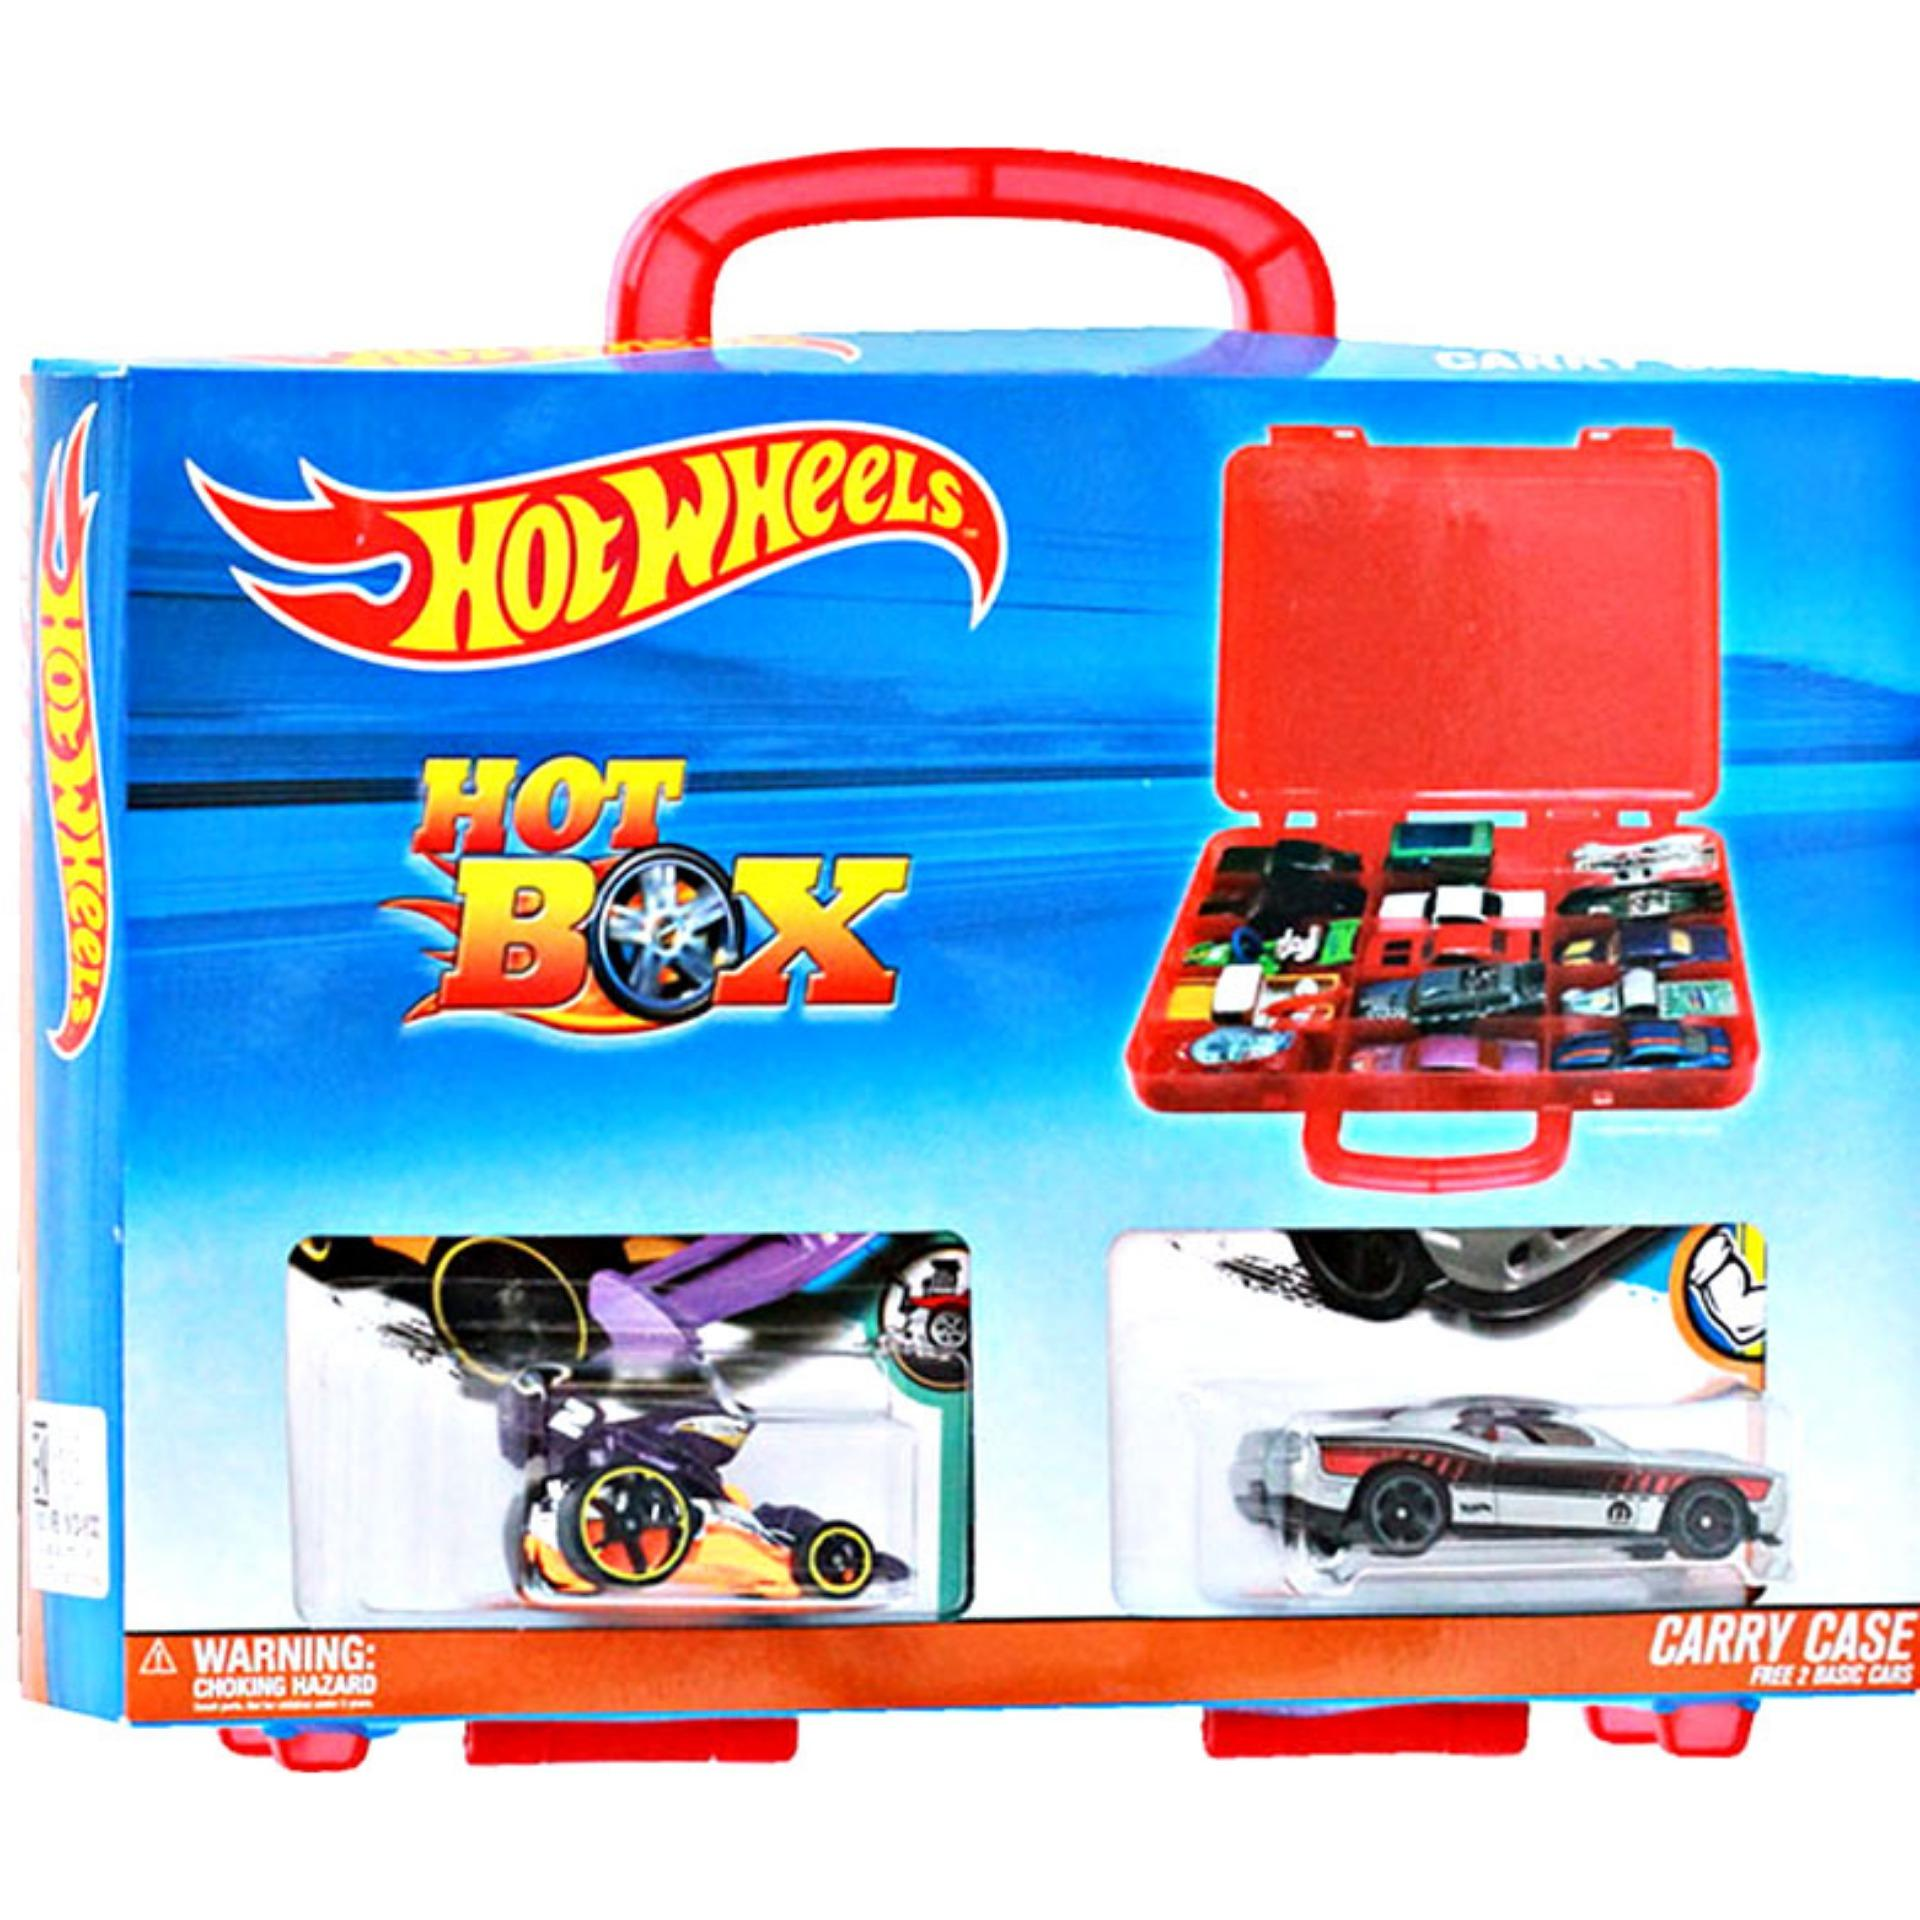 ... Exclusive Source Jual Hot Wheels Mao Twin Pack Carry Case Bonus 3 Kendaraan Source Hotwheels Mao